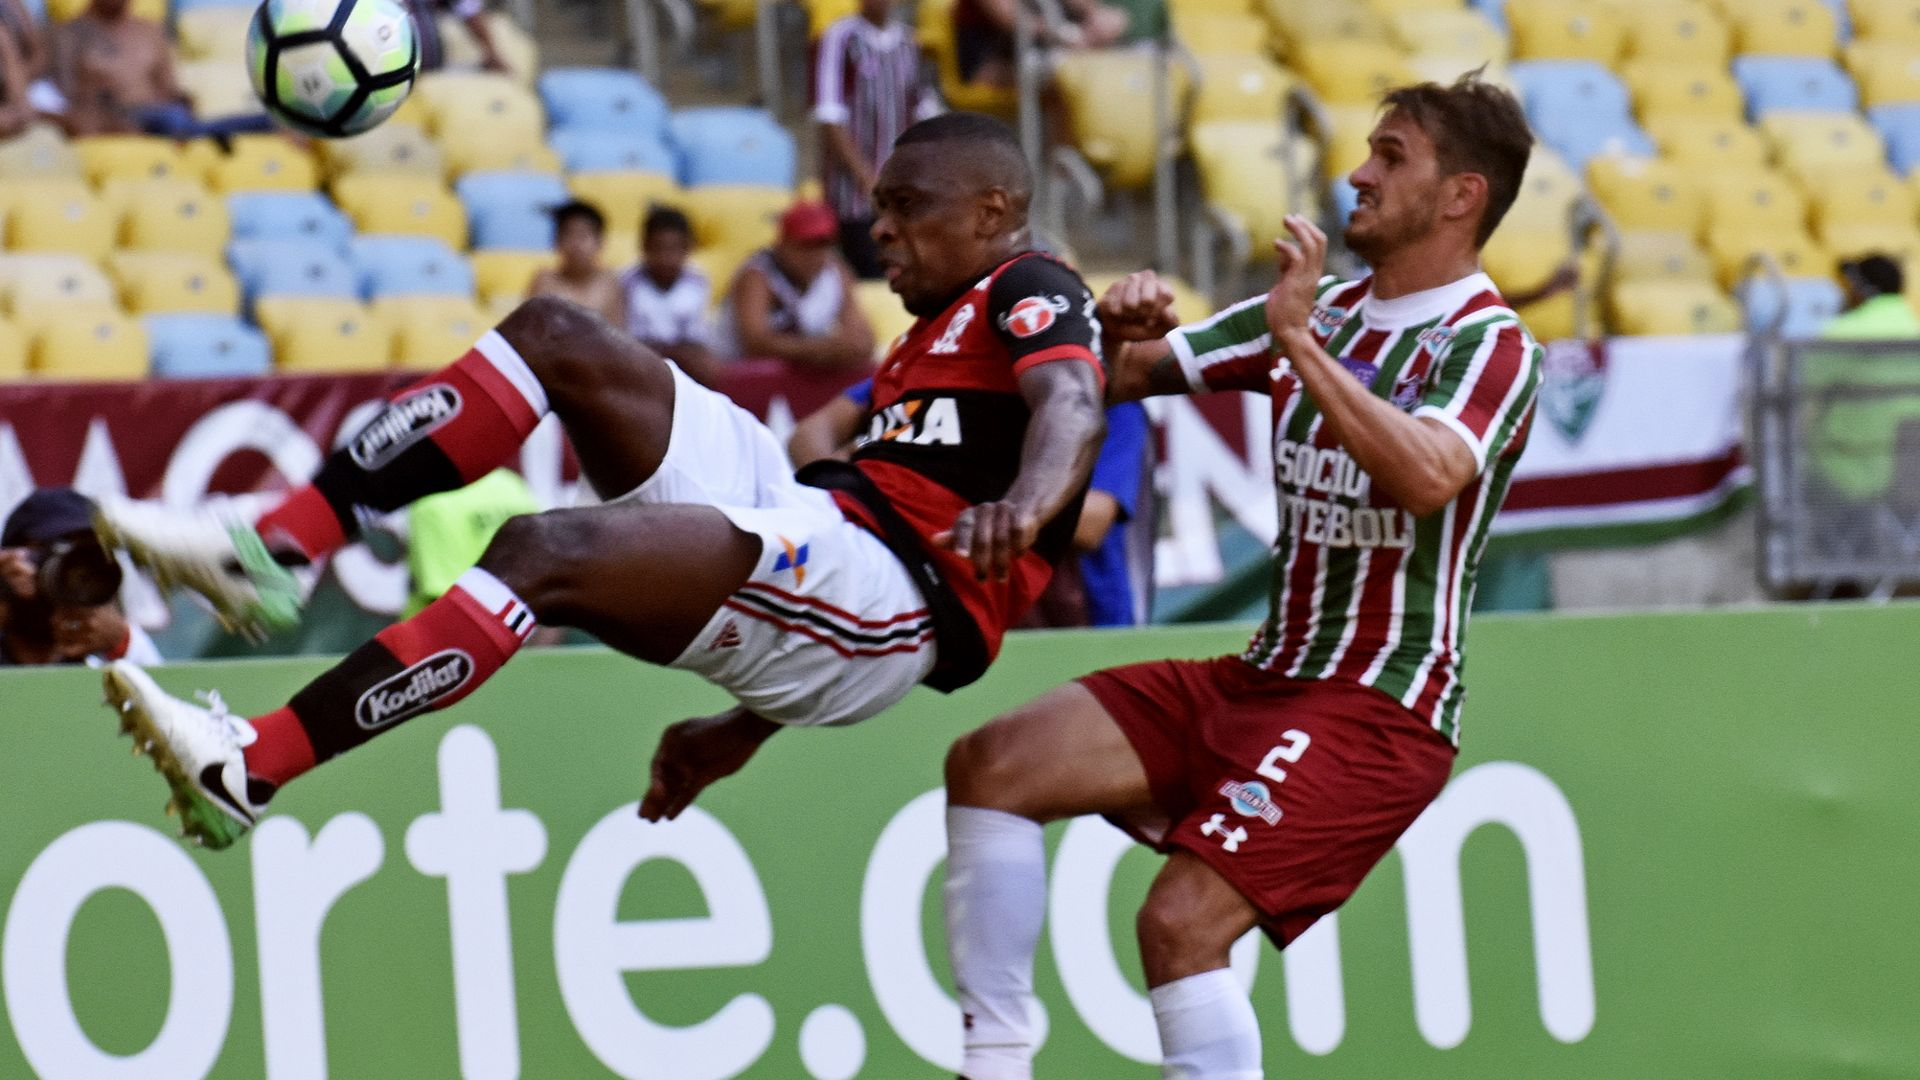 Juan Lucas Marques Flamengo Fluminense Brasileirao Serie A 12102017